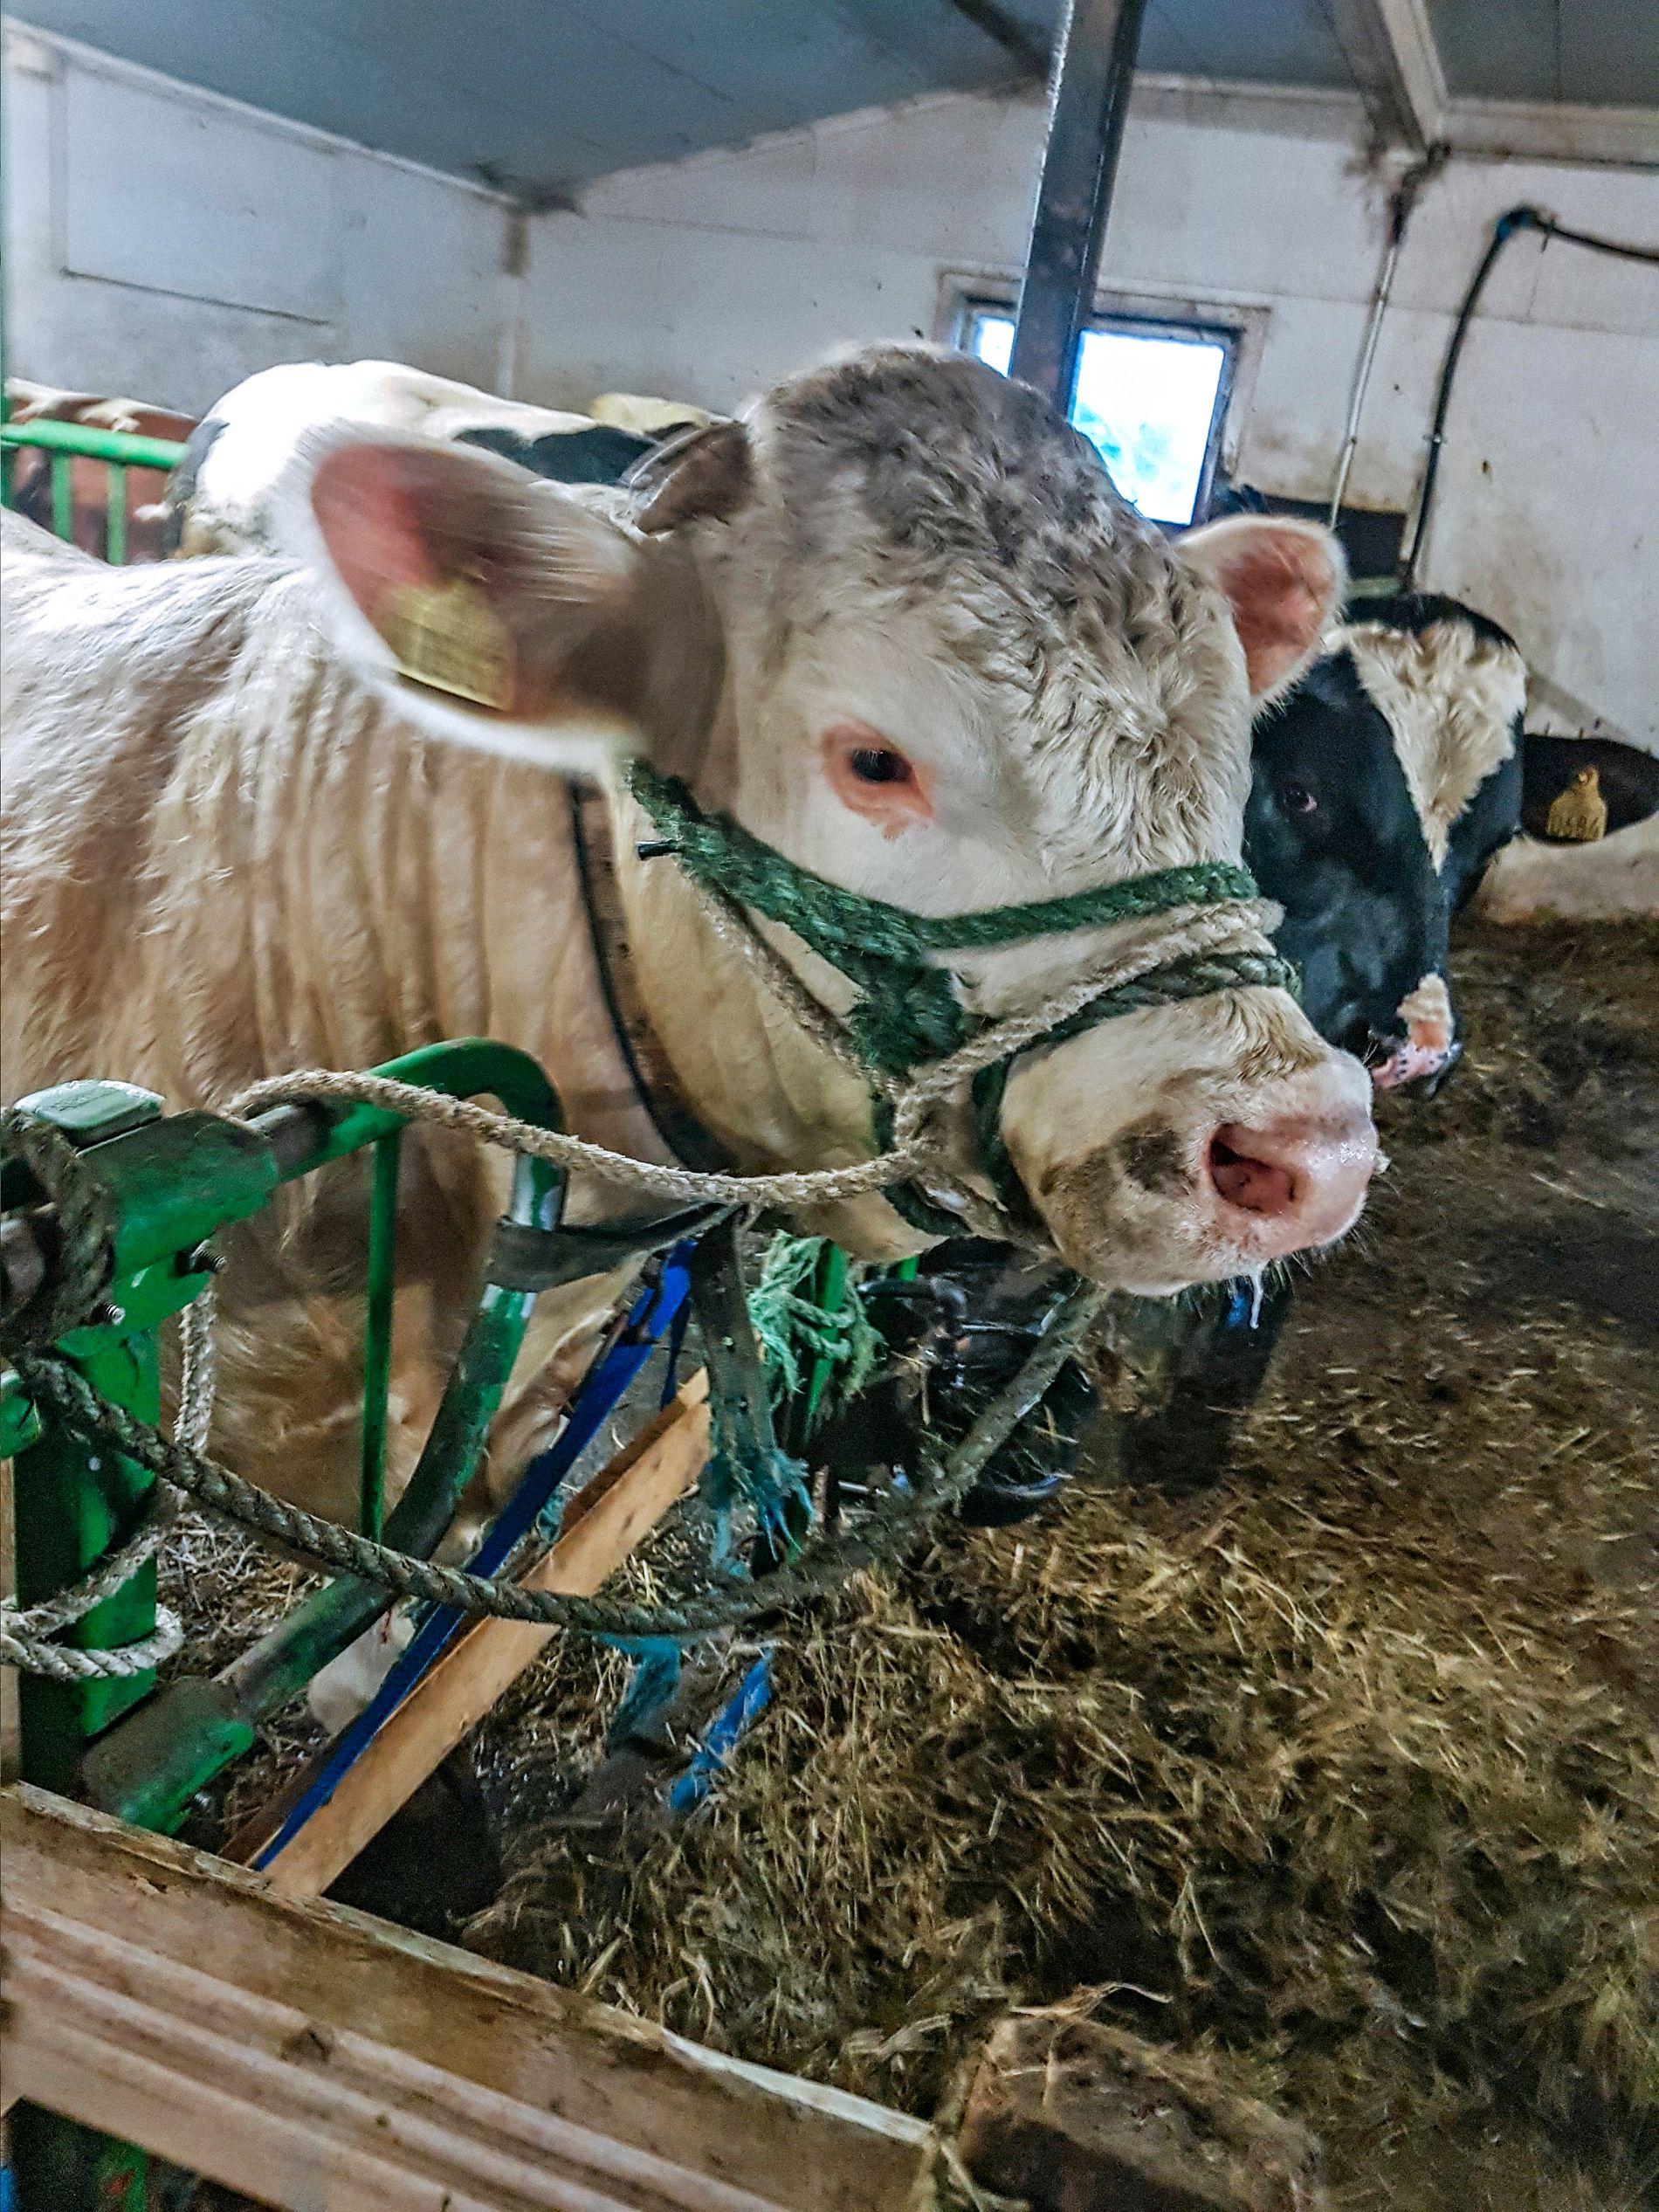 TILBAKE: Endelig er oksen tilbake i gården, etter flere timer på frifot.